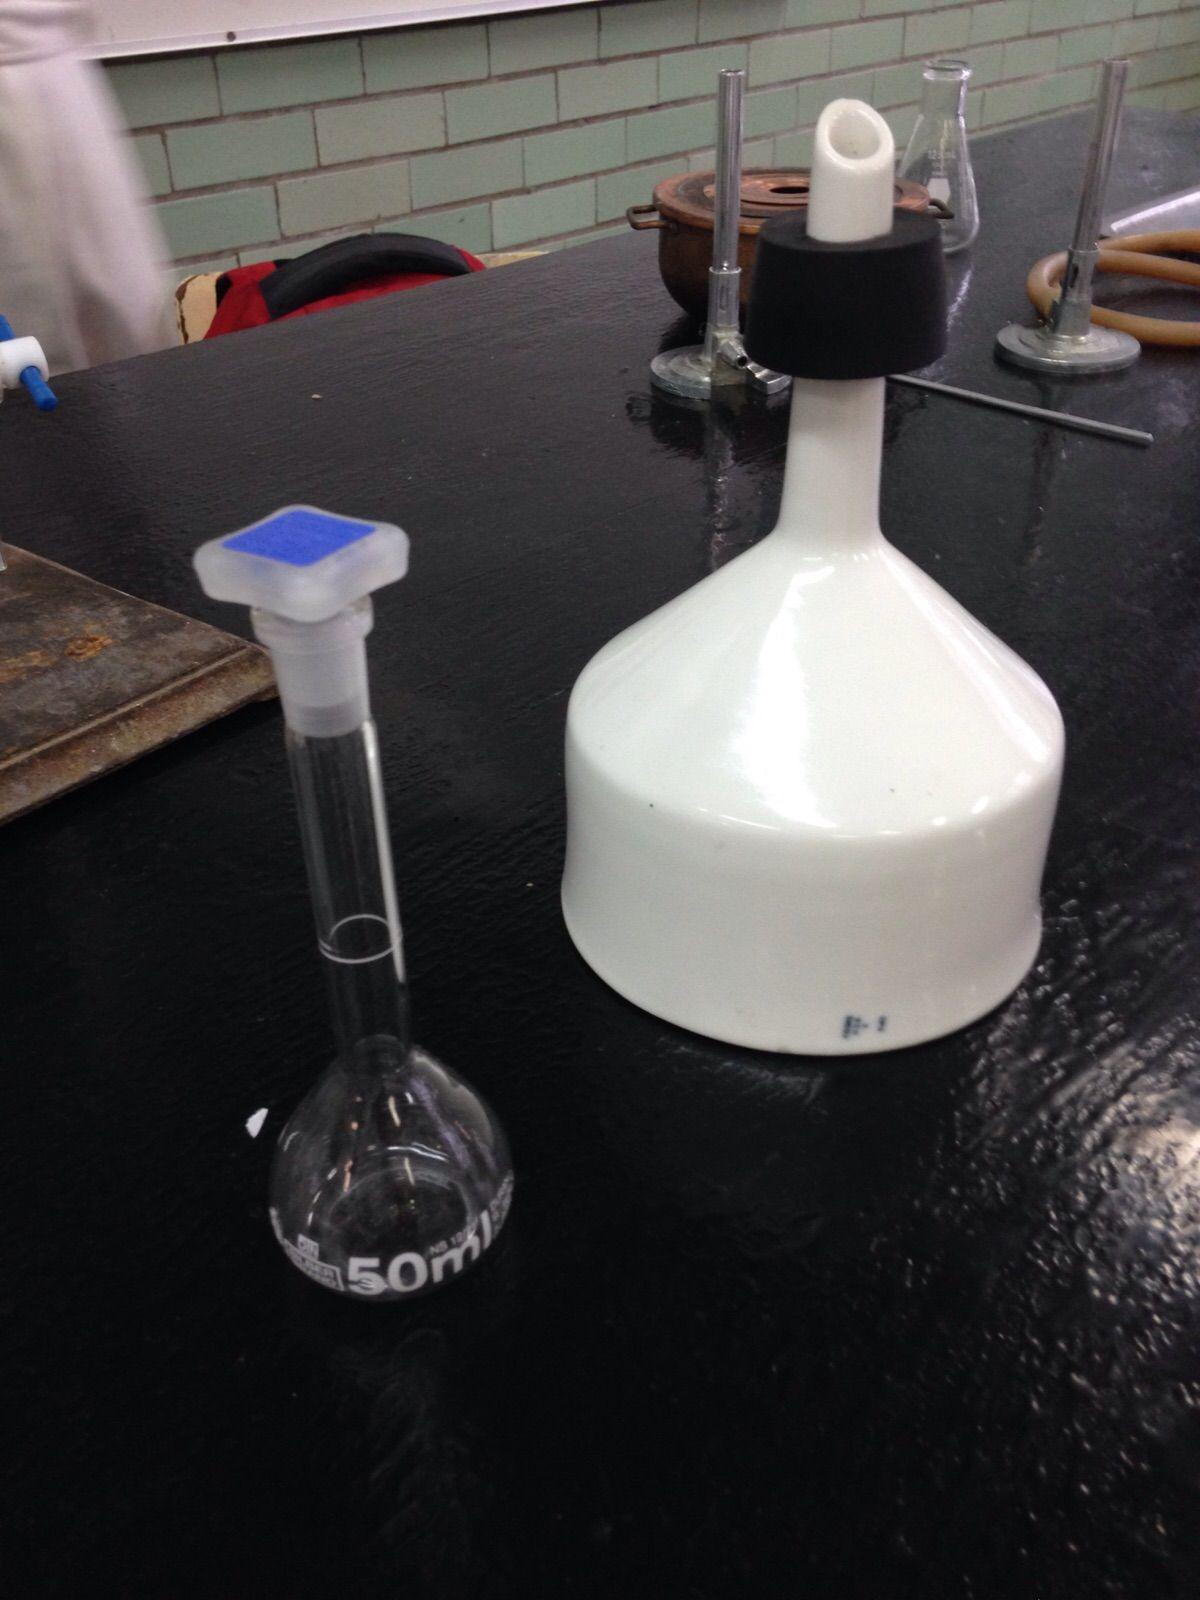 Matraz Aforado Material Para Experimentacipon Embudo Buchner Material De Filtracion Materiales De Laboratorio Laboratorio Embudo